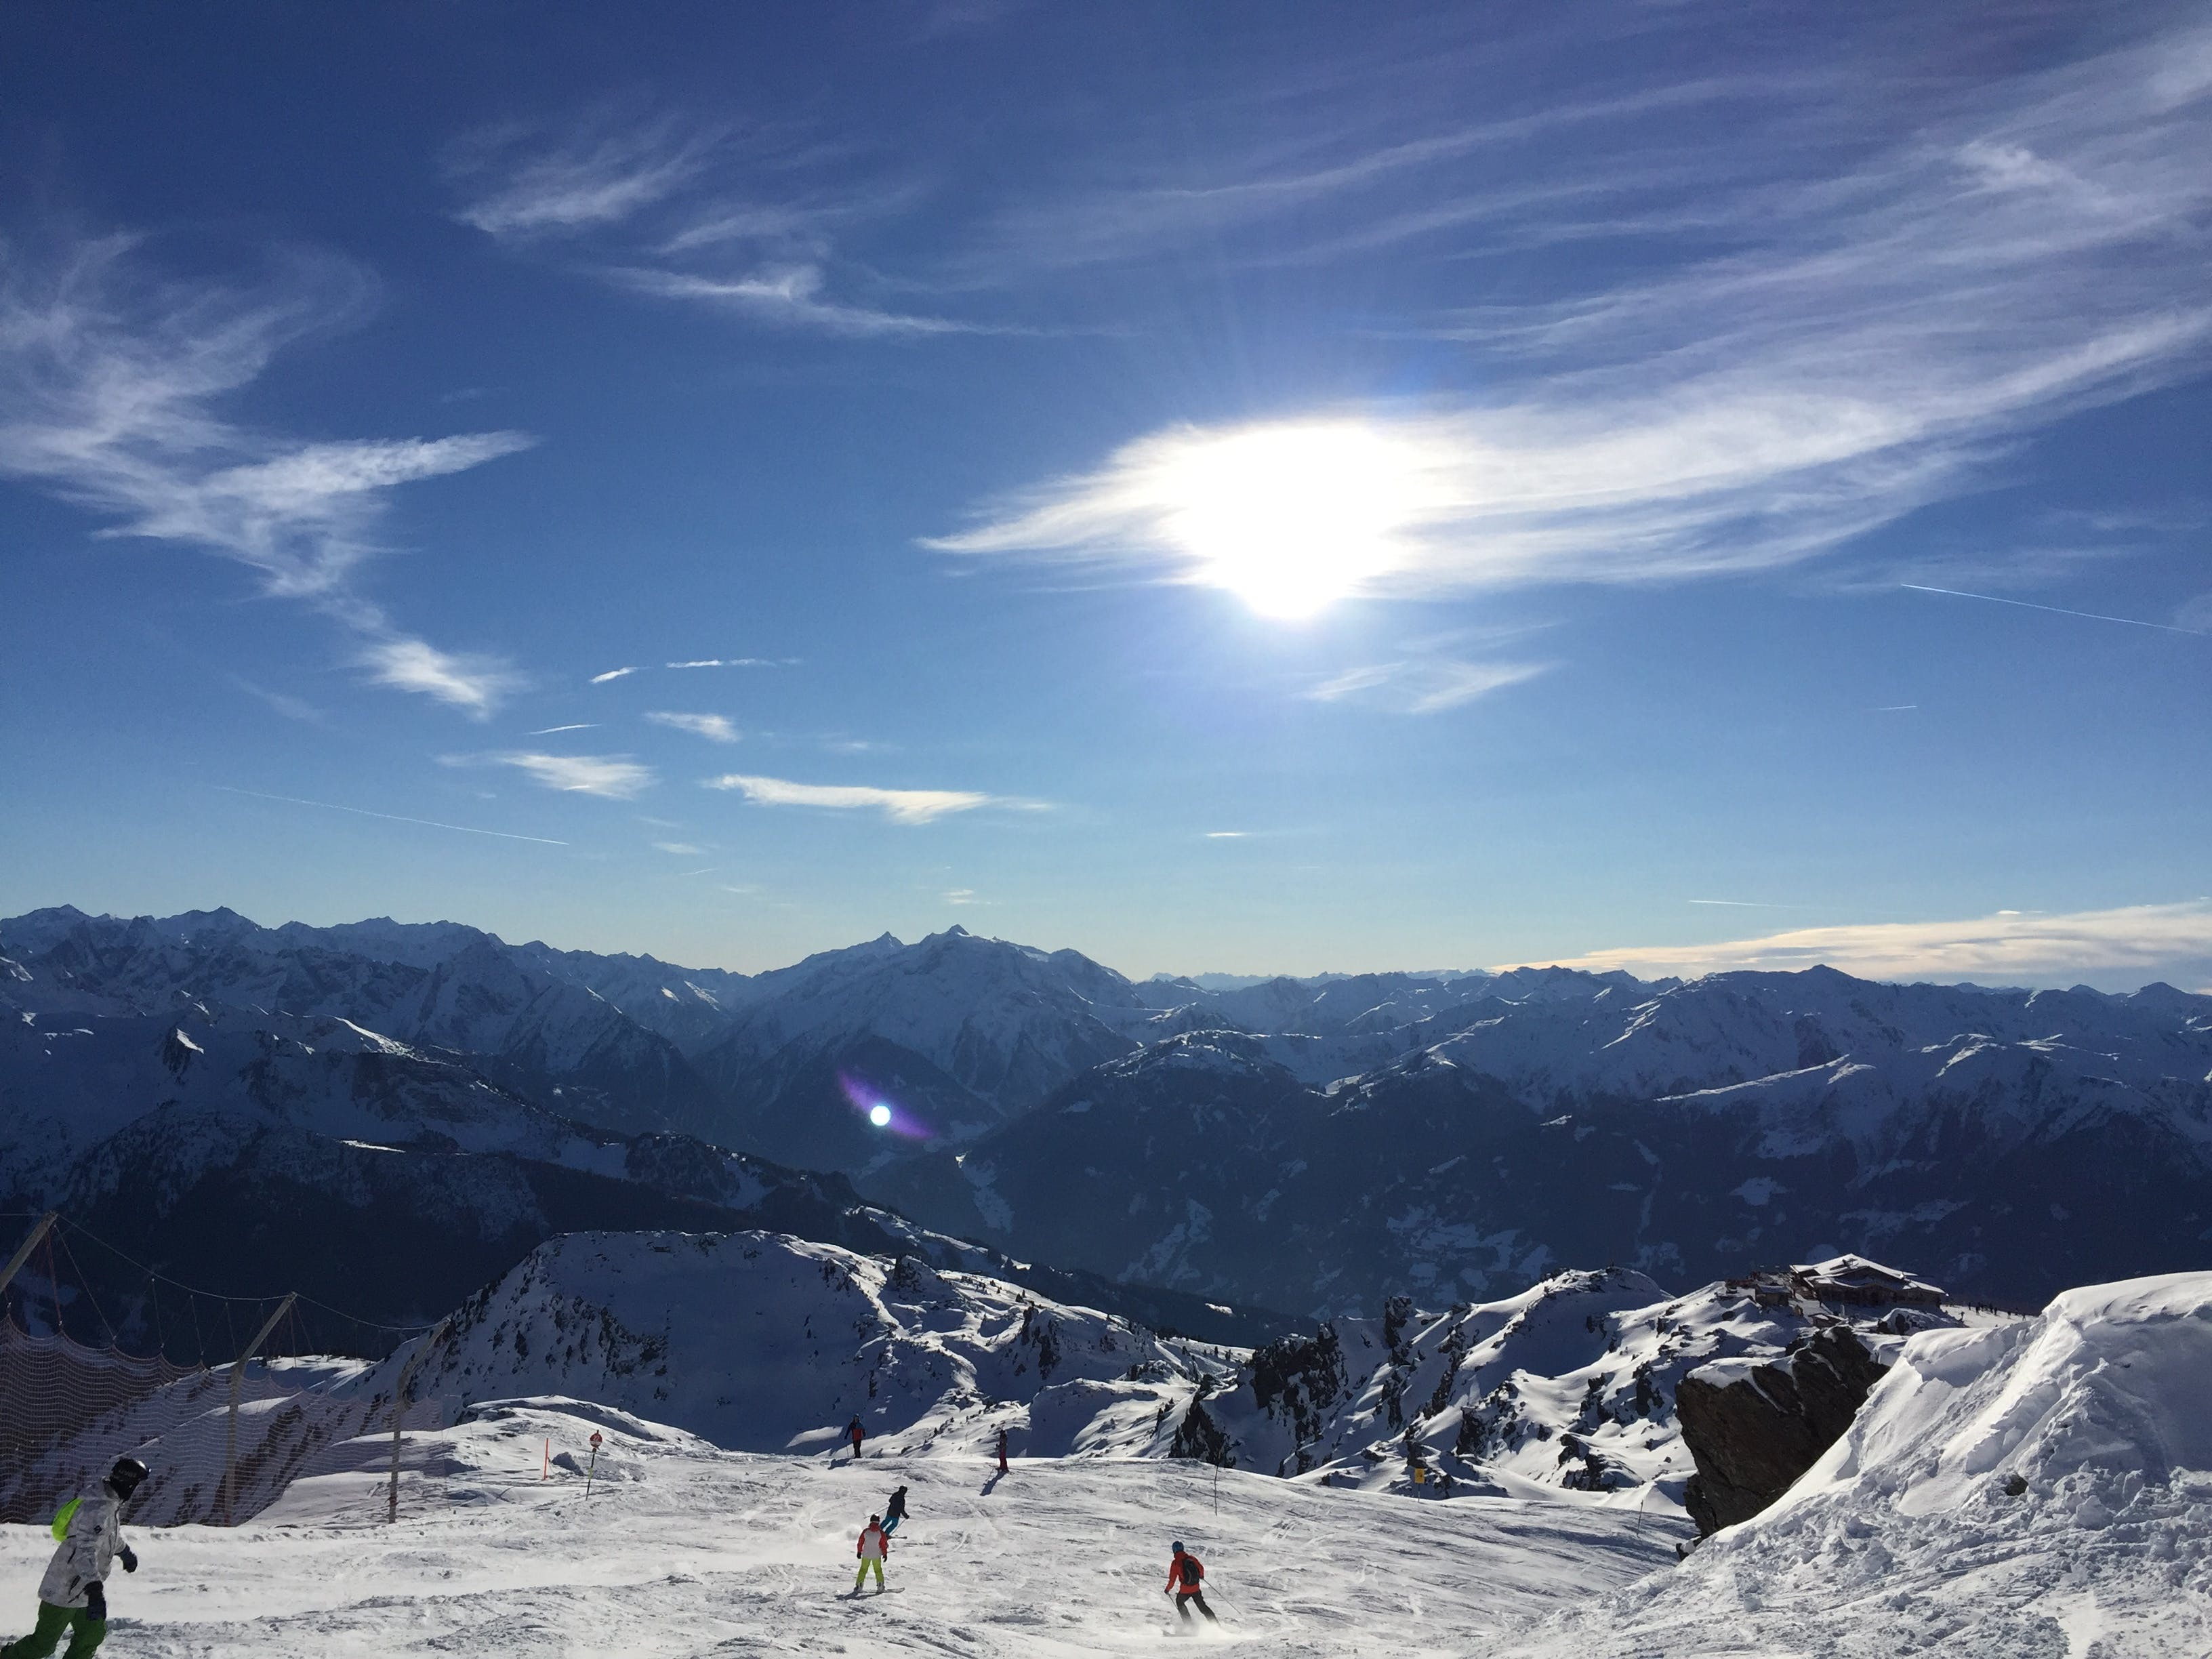 Free stock photo of mountains, ski tour, snow, sun glare